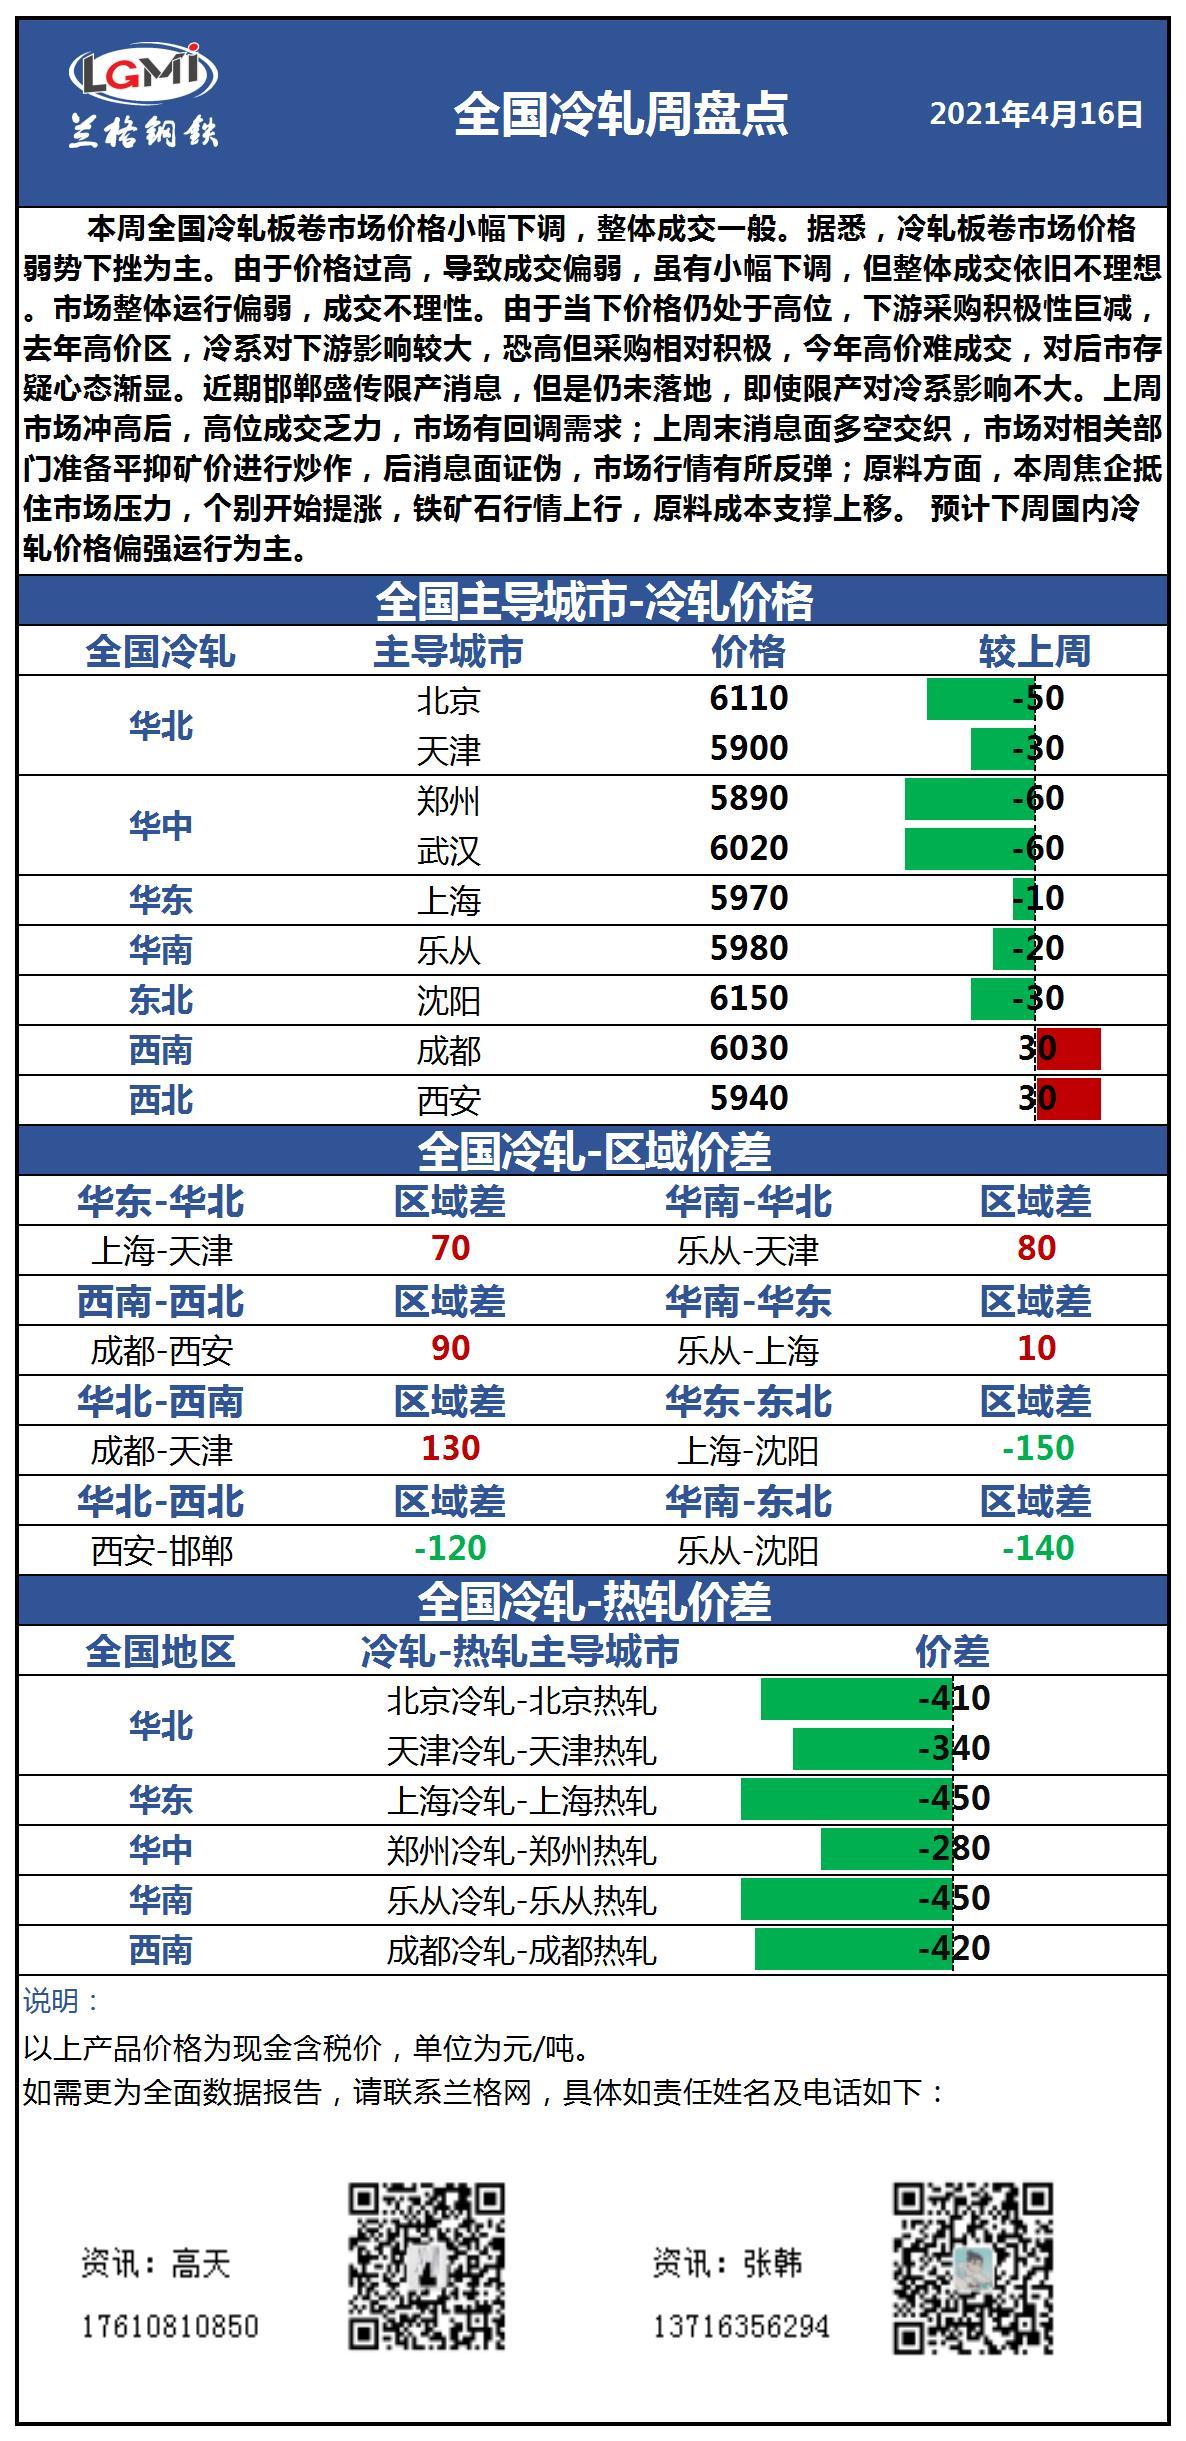 兰格冷轧板卷周盘点(4.16):价格小幅下调 市场成交一般